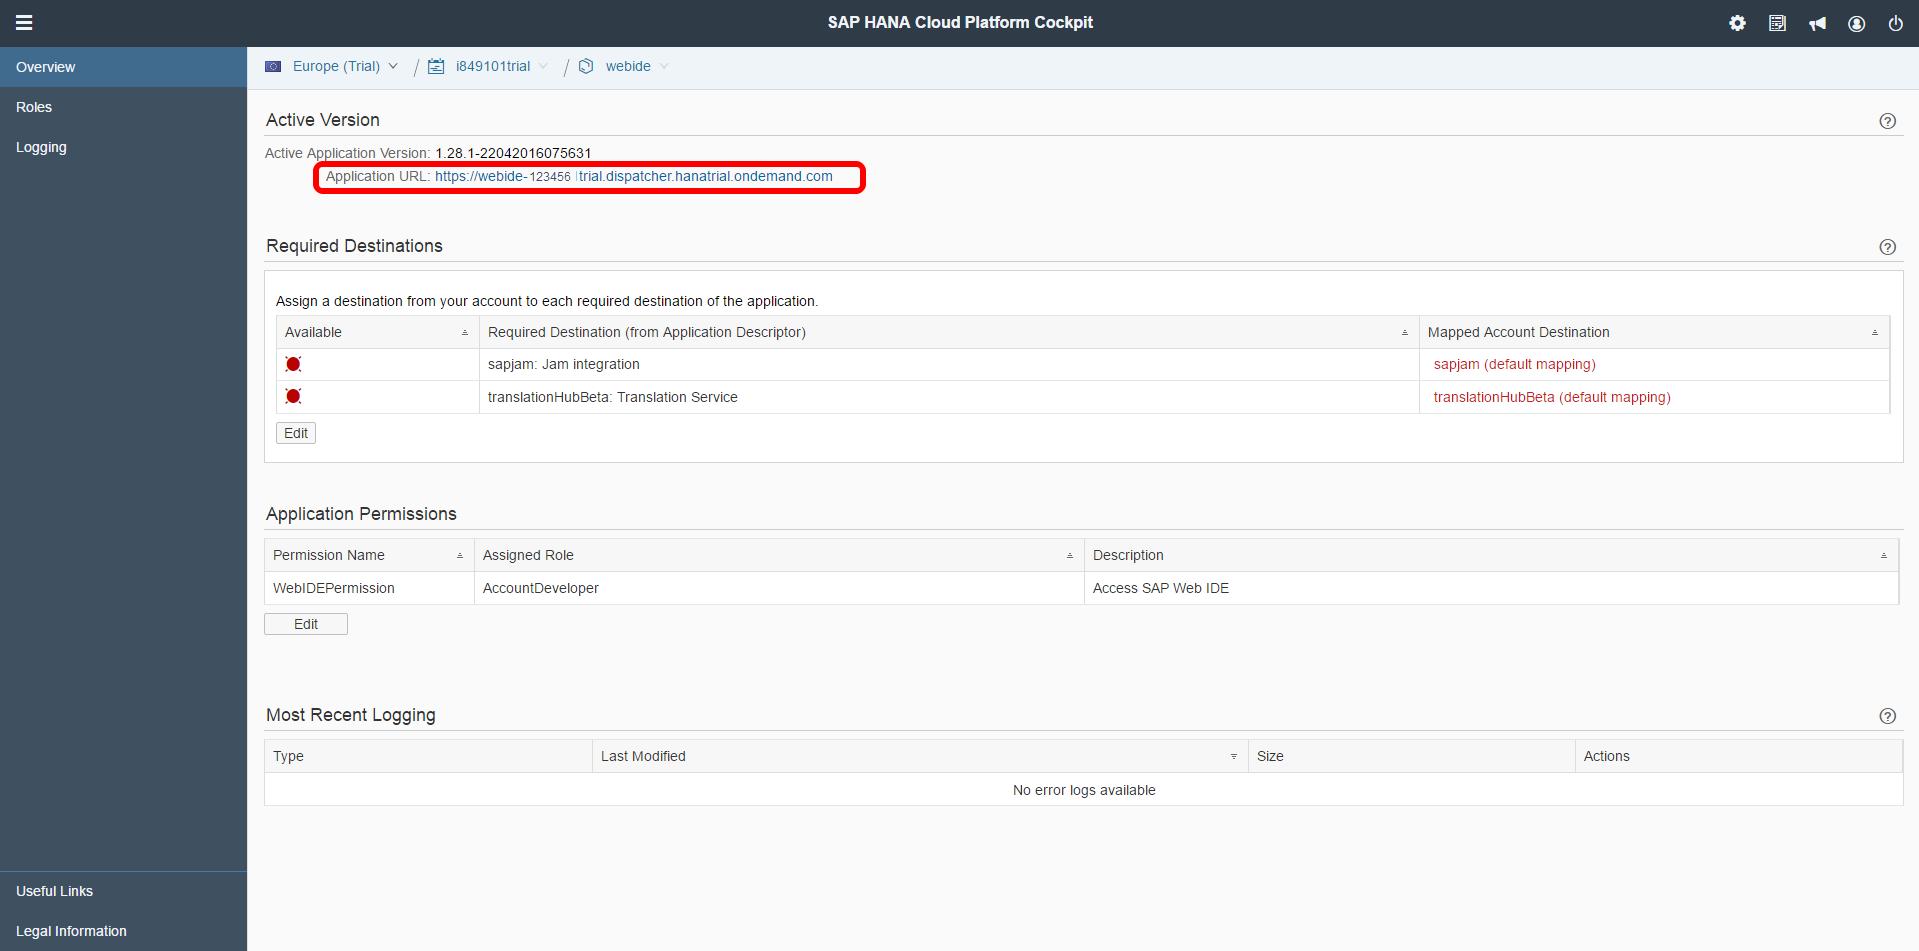 SAP Web IDE URL